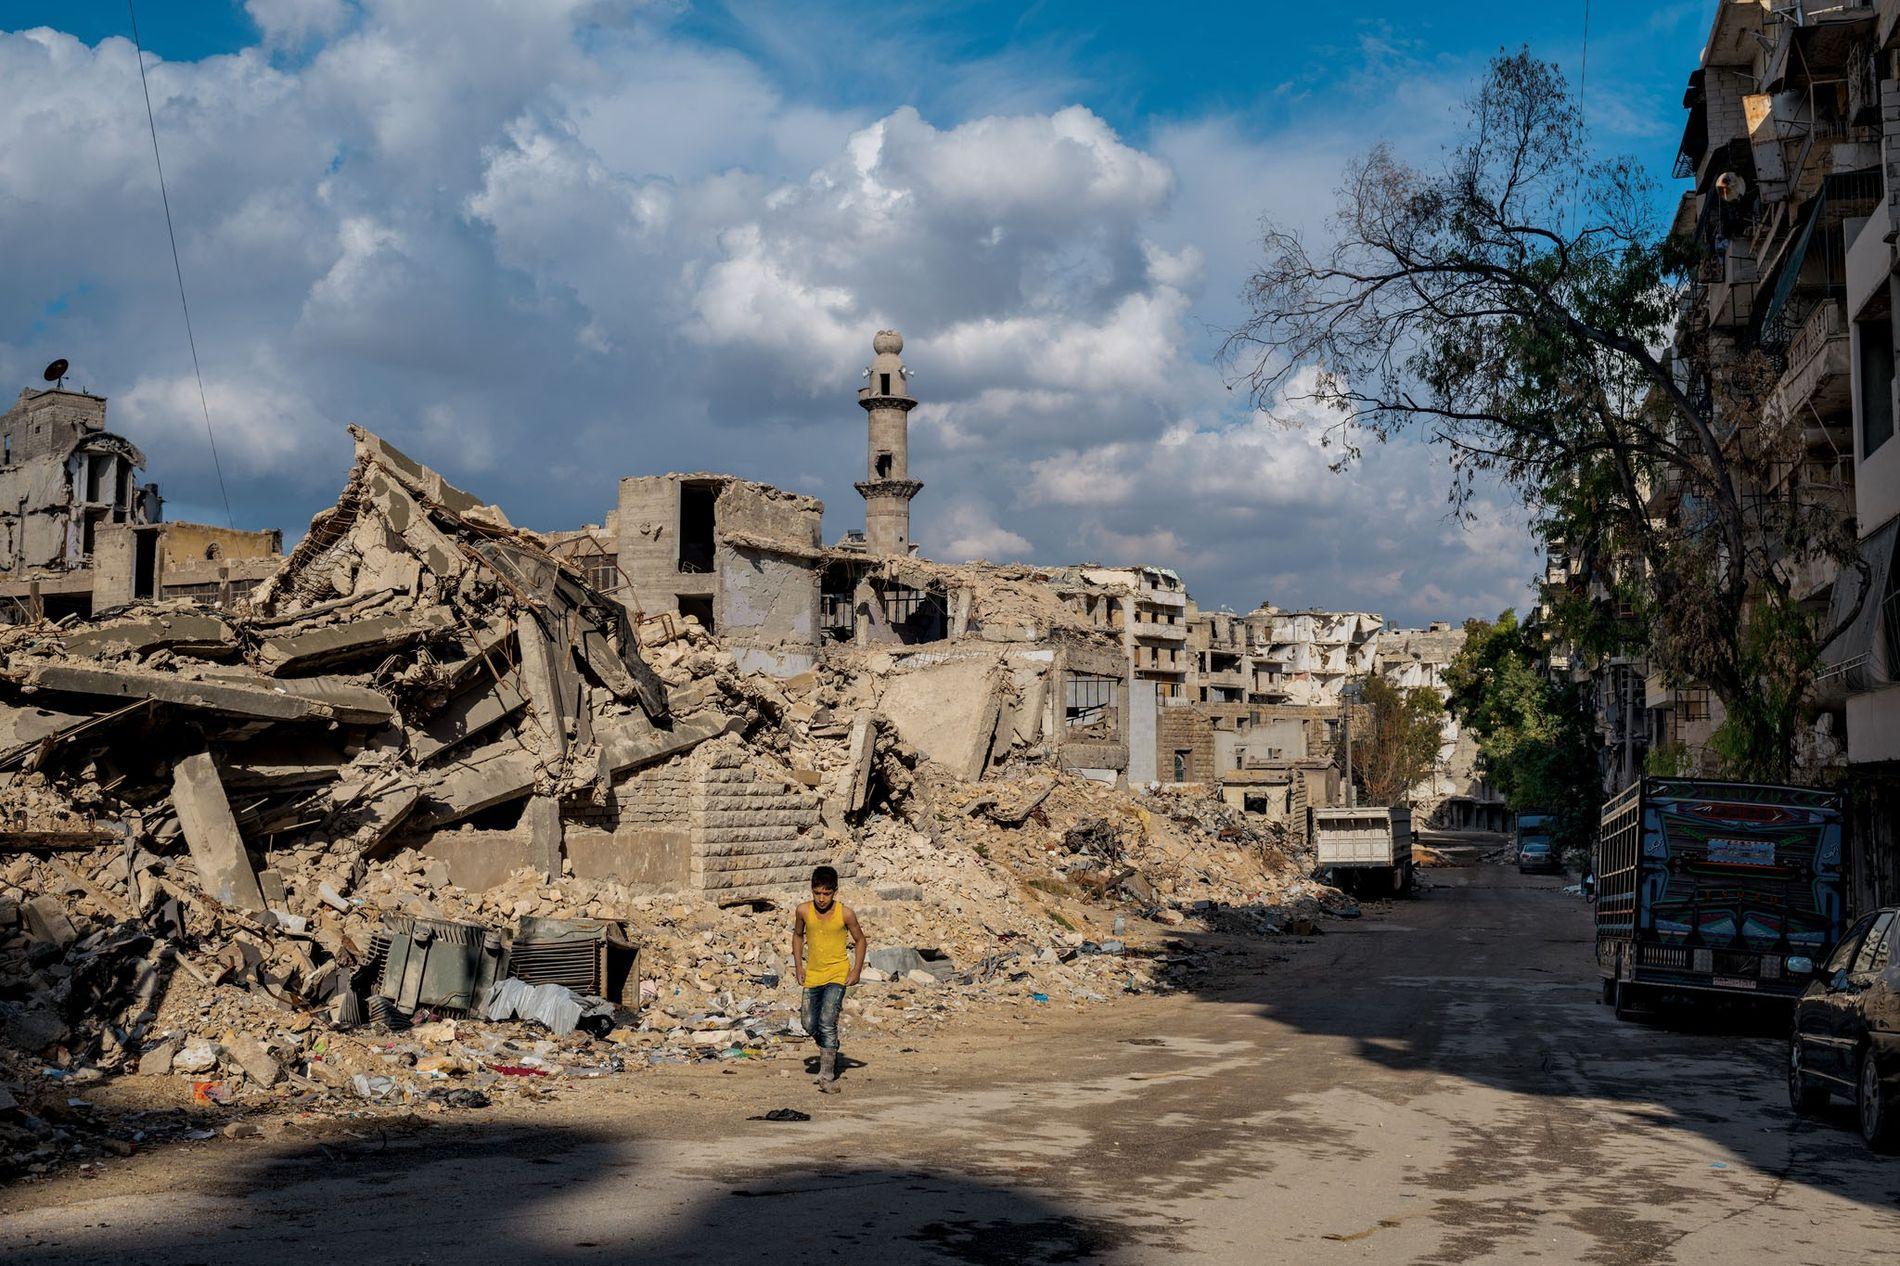 Un garçon se promène devant une ancienne école et une mosquée dans le quartier de Sukkari, dans le sud d'Alep. La mosquée est en cours de reconstruction ; la plupart des bâtiments environnants resteront à l'état de ruines quelques temps encore.